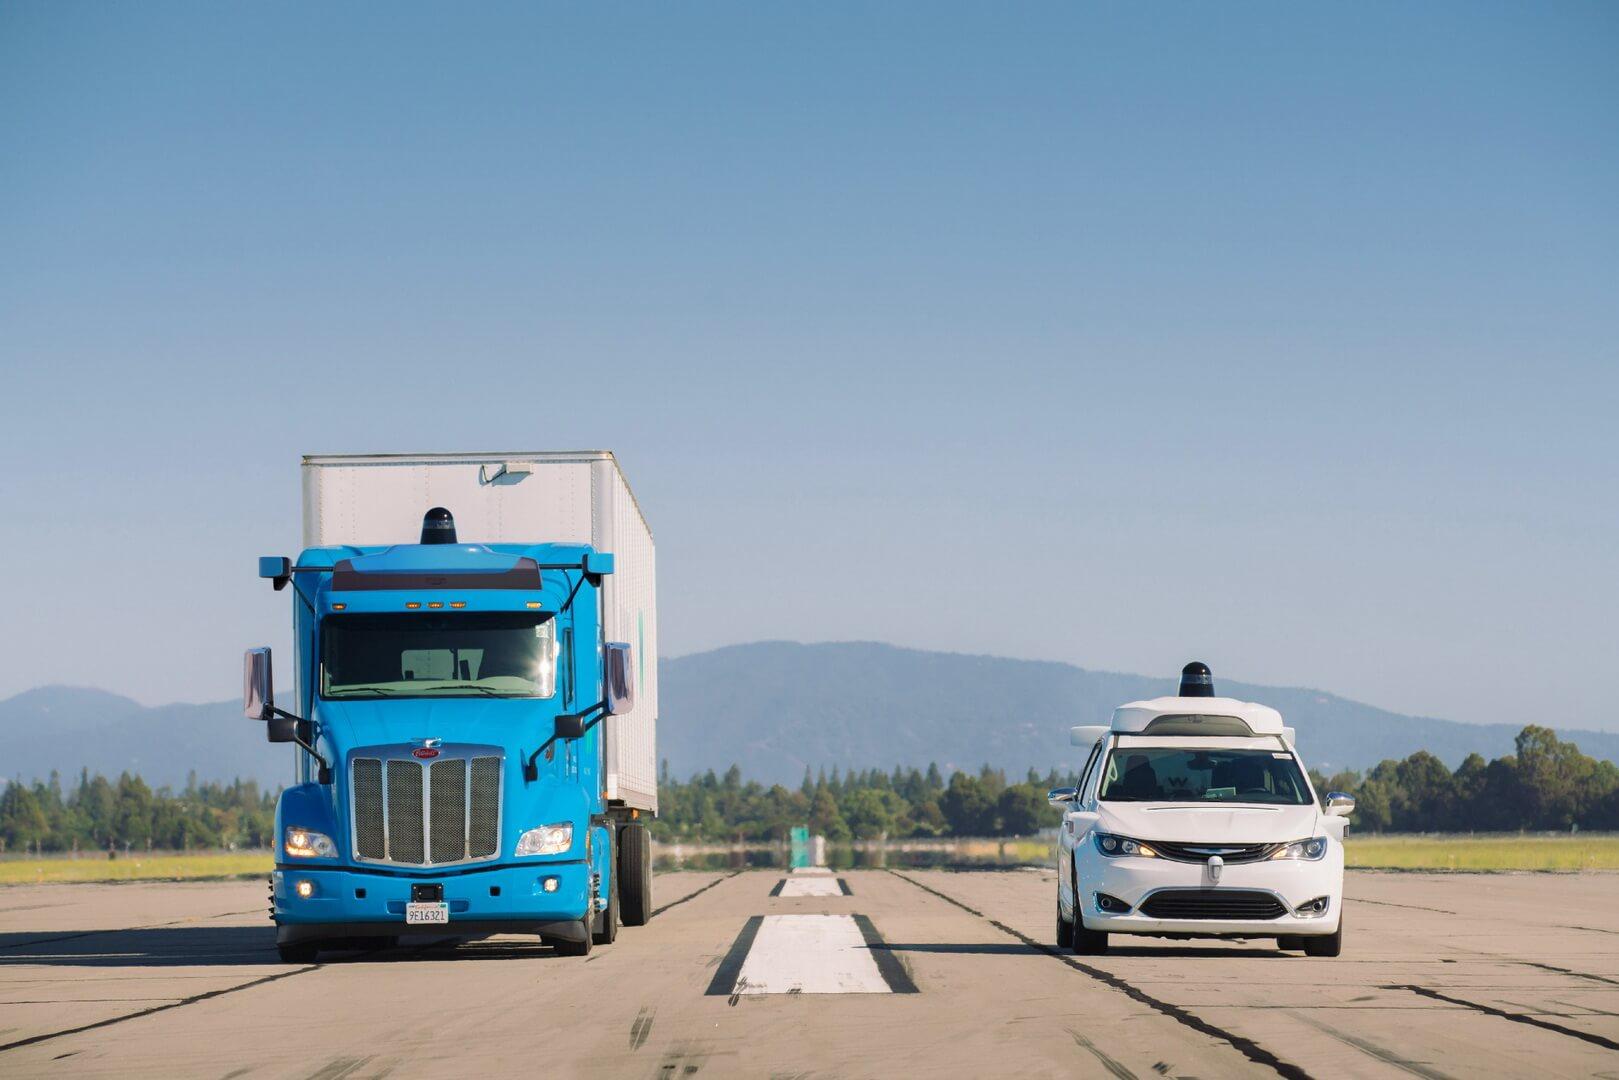 Грузовик Peterbilt и минивэн Chrysler Pacifica с системами автономного управления